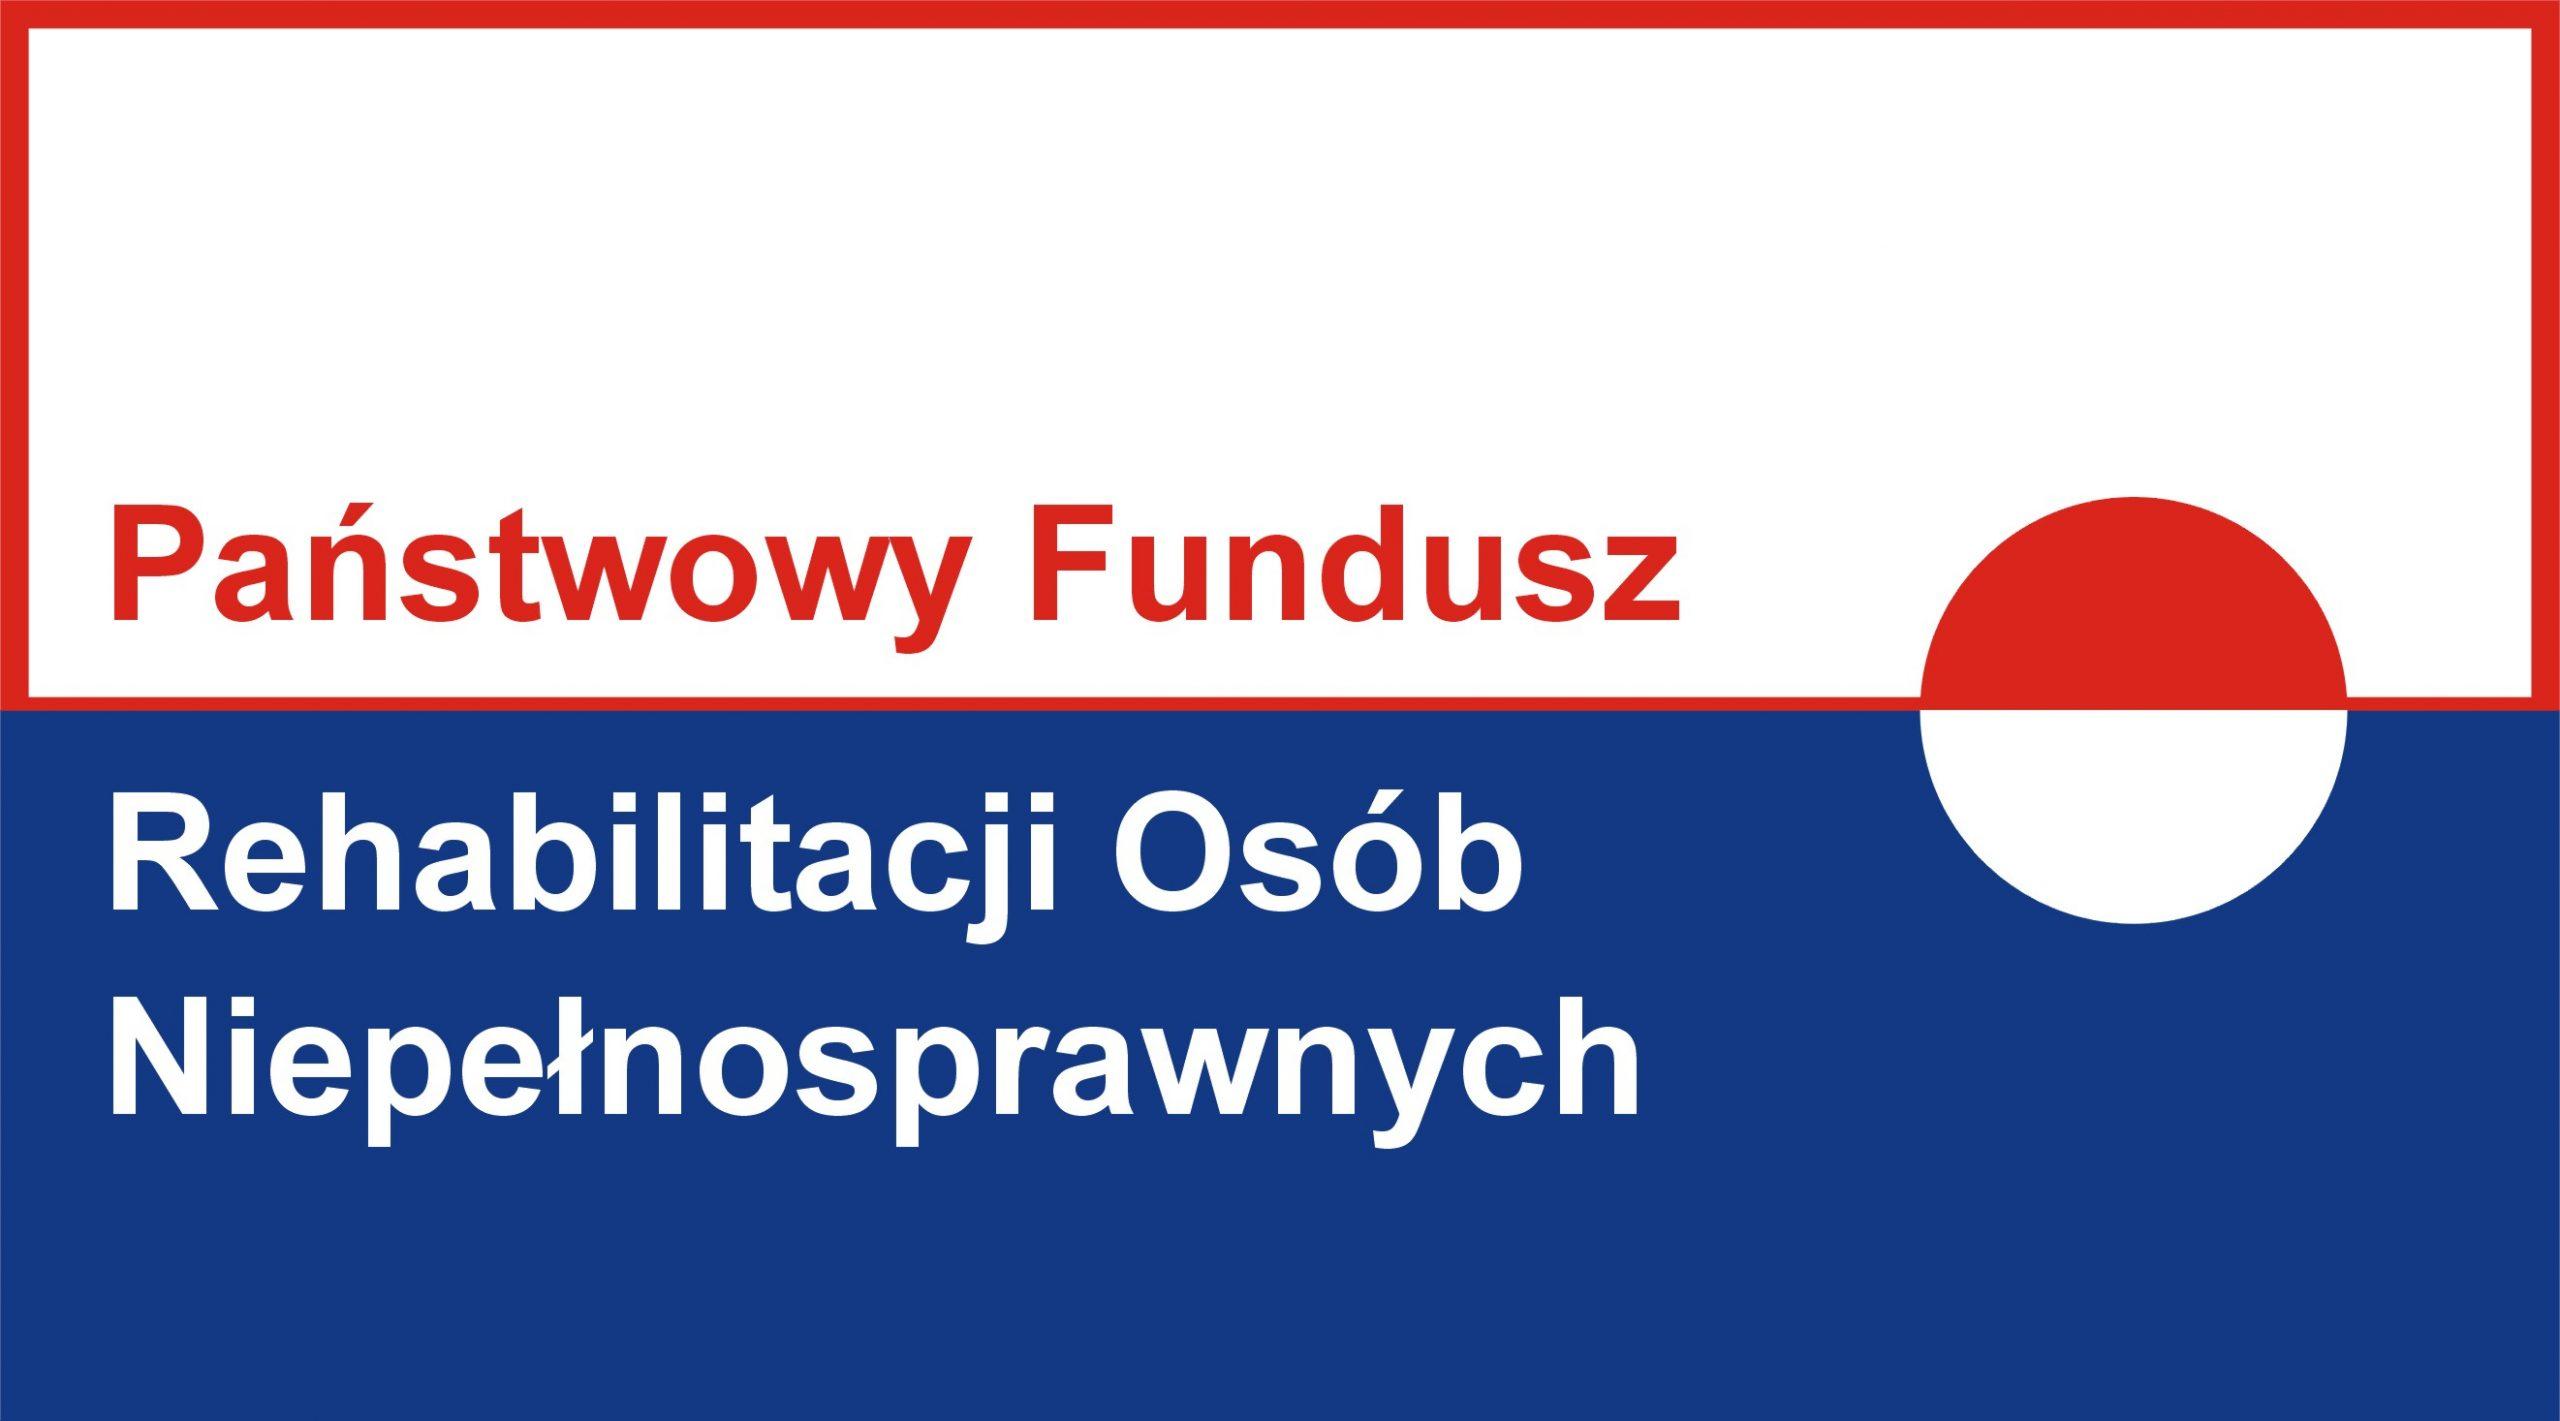 logo państwowy fundusz rehabilitacji osób niepełnosprawnych